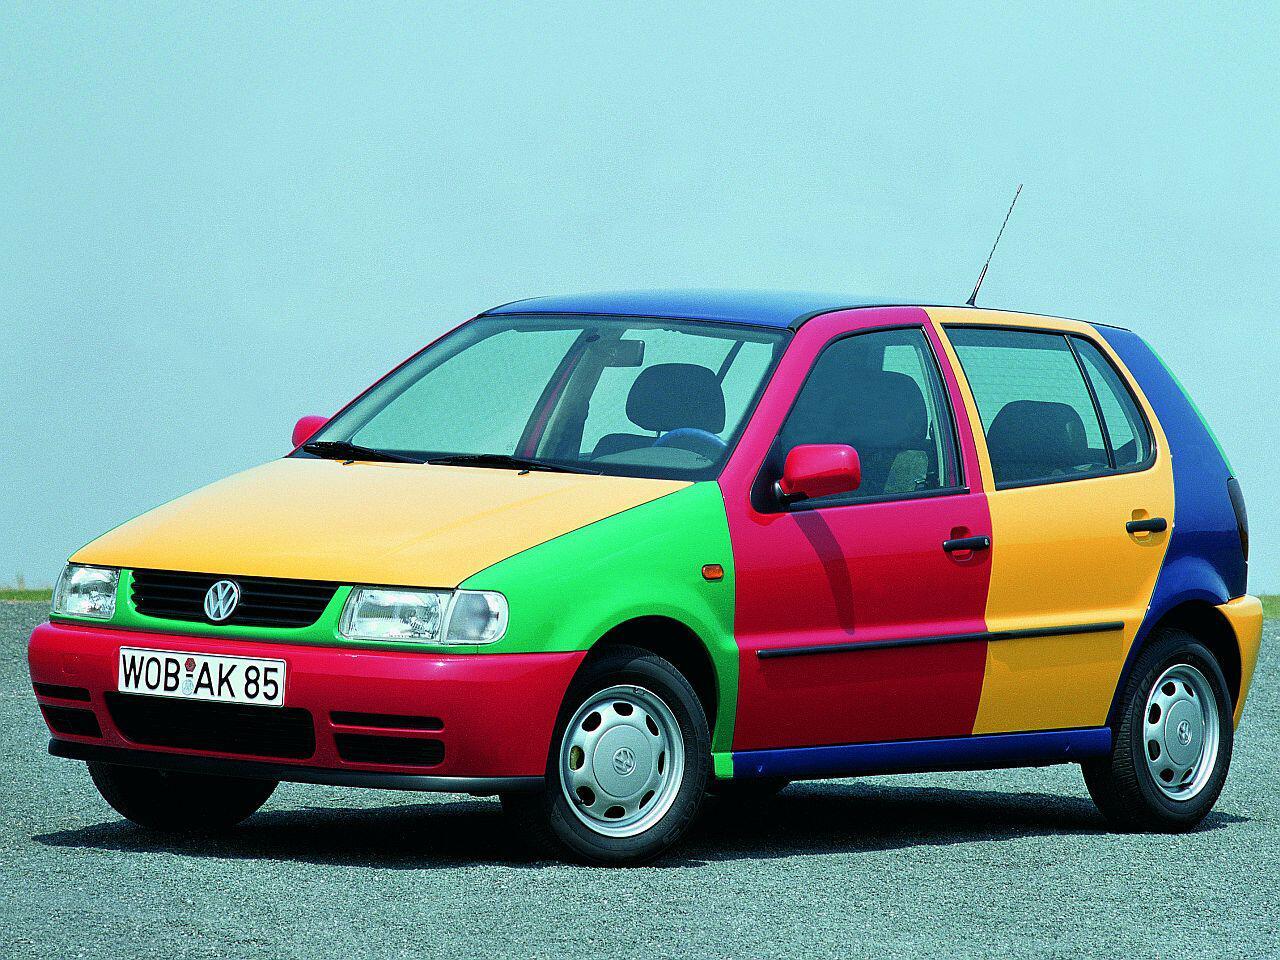 Bild zu Bunt, verrückt, superschnell: Die coolsten Autos der 90er-Jahre